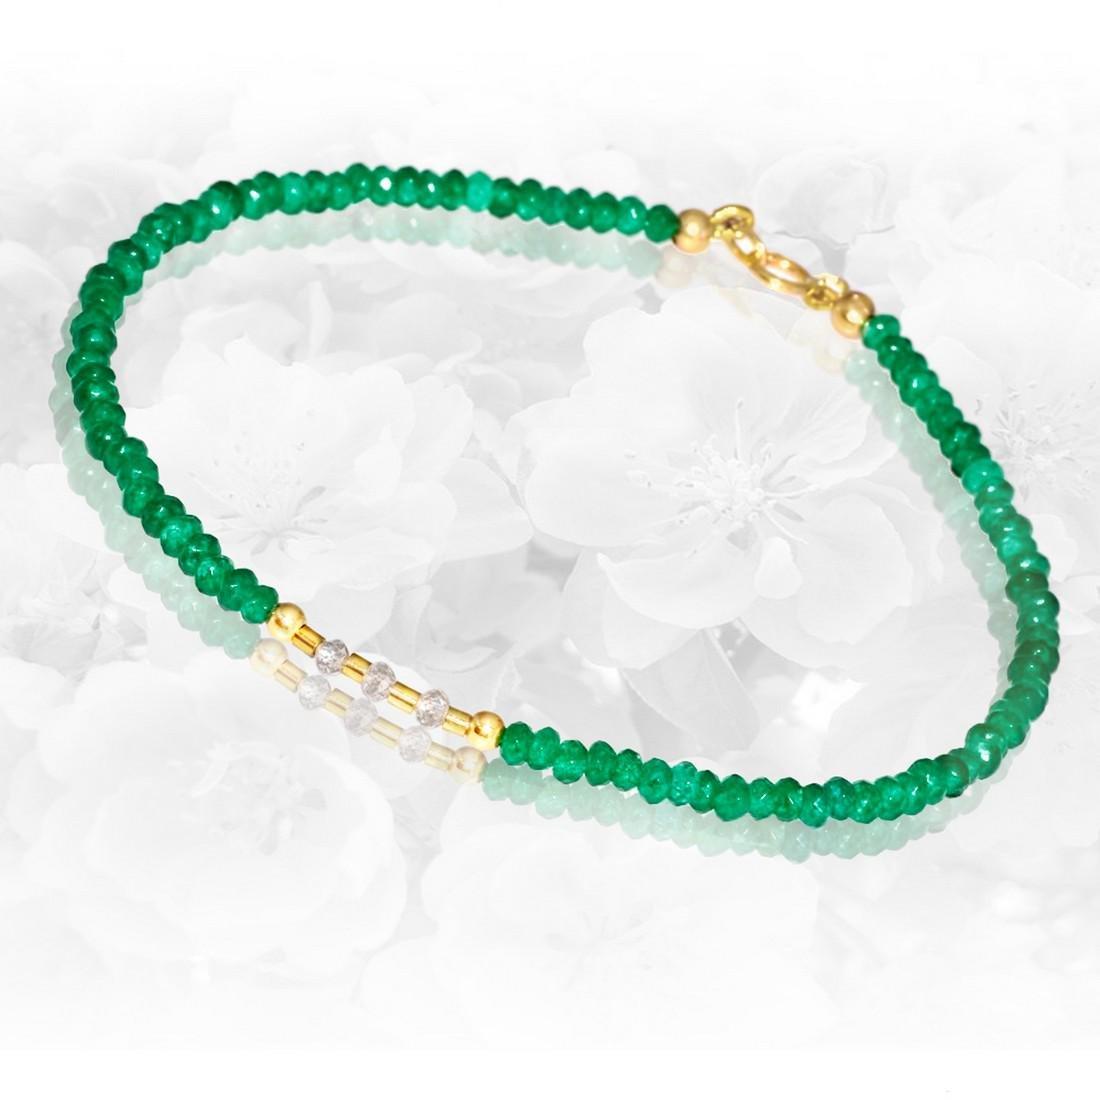 14K Precious Jadeite Jade bracelet with Diamonds 0.2 - 2